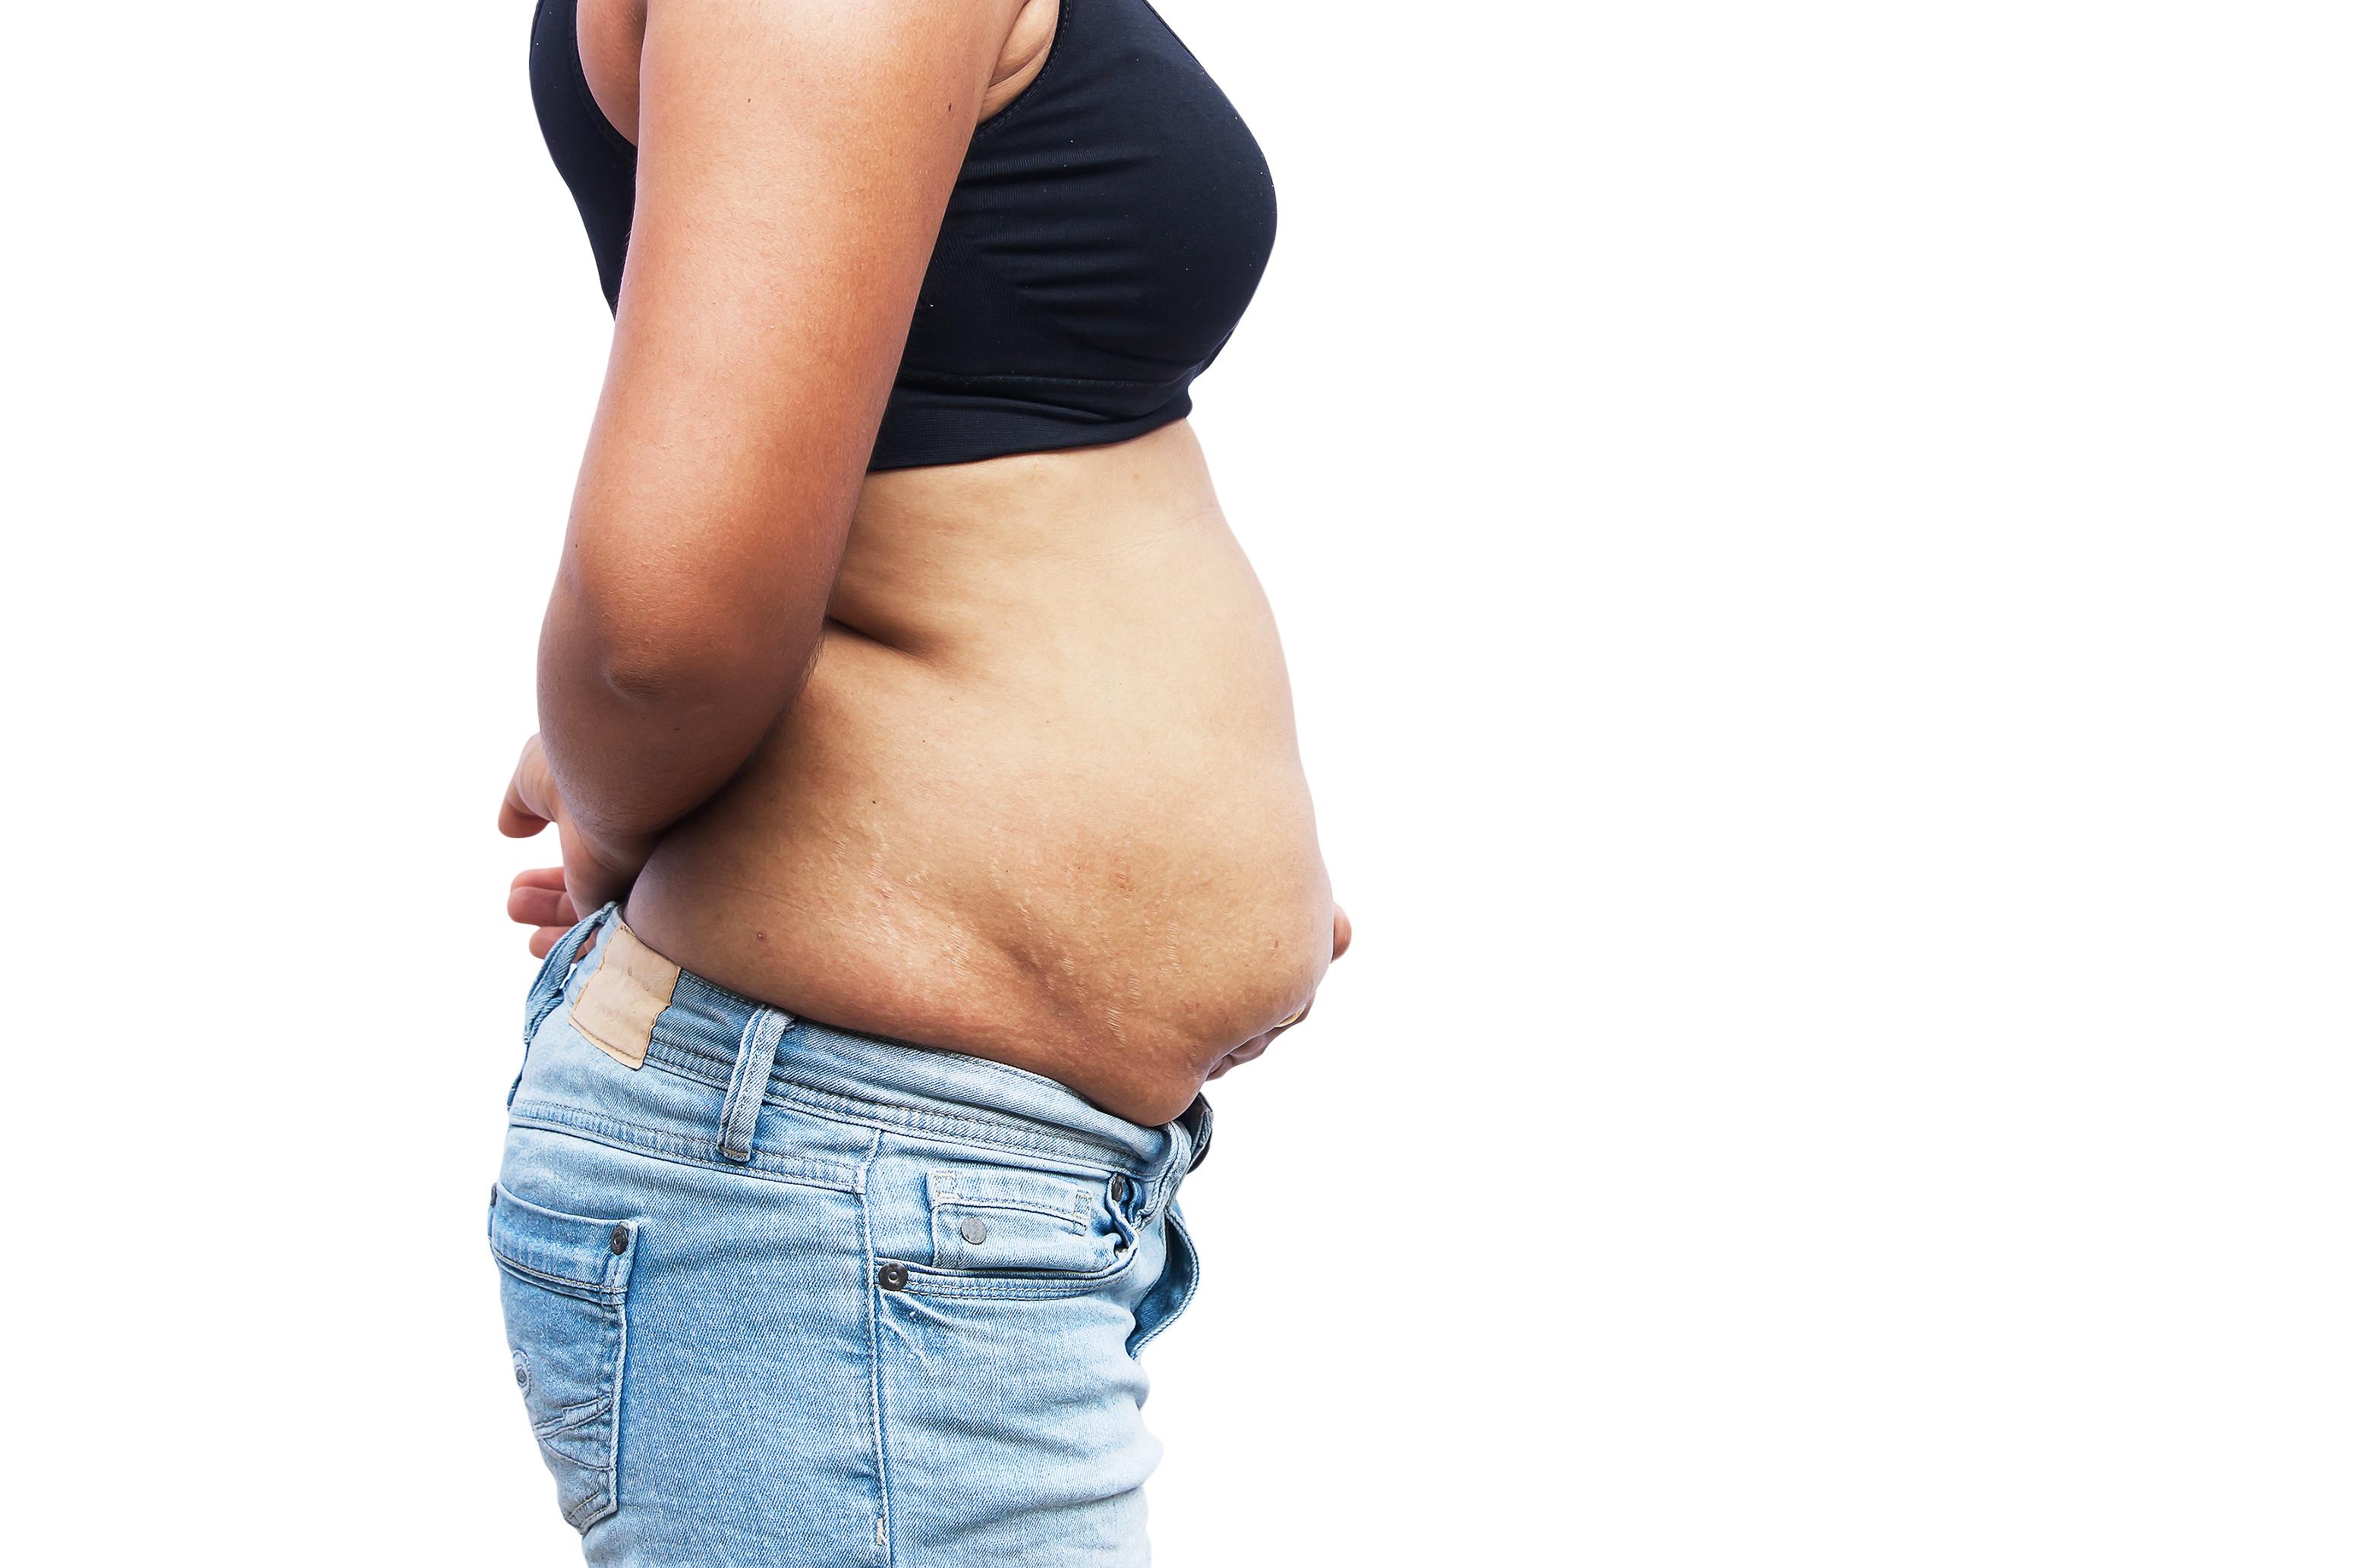 Wie man an den Seiten des Bauches Gewicht verliert